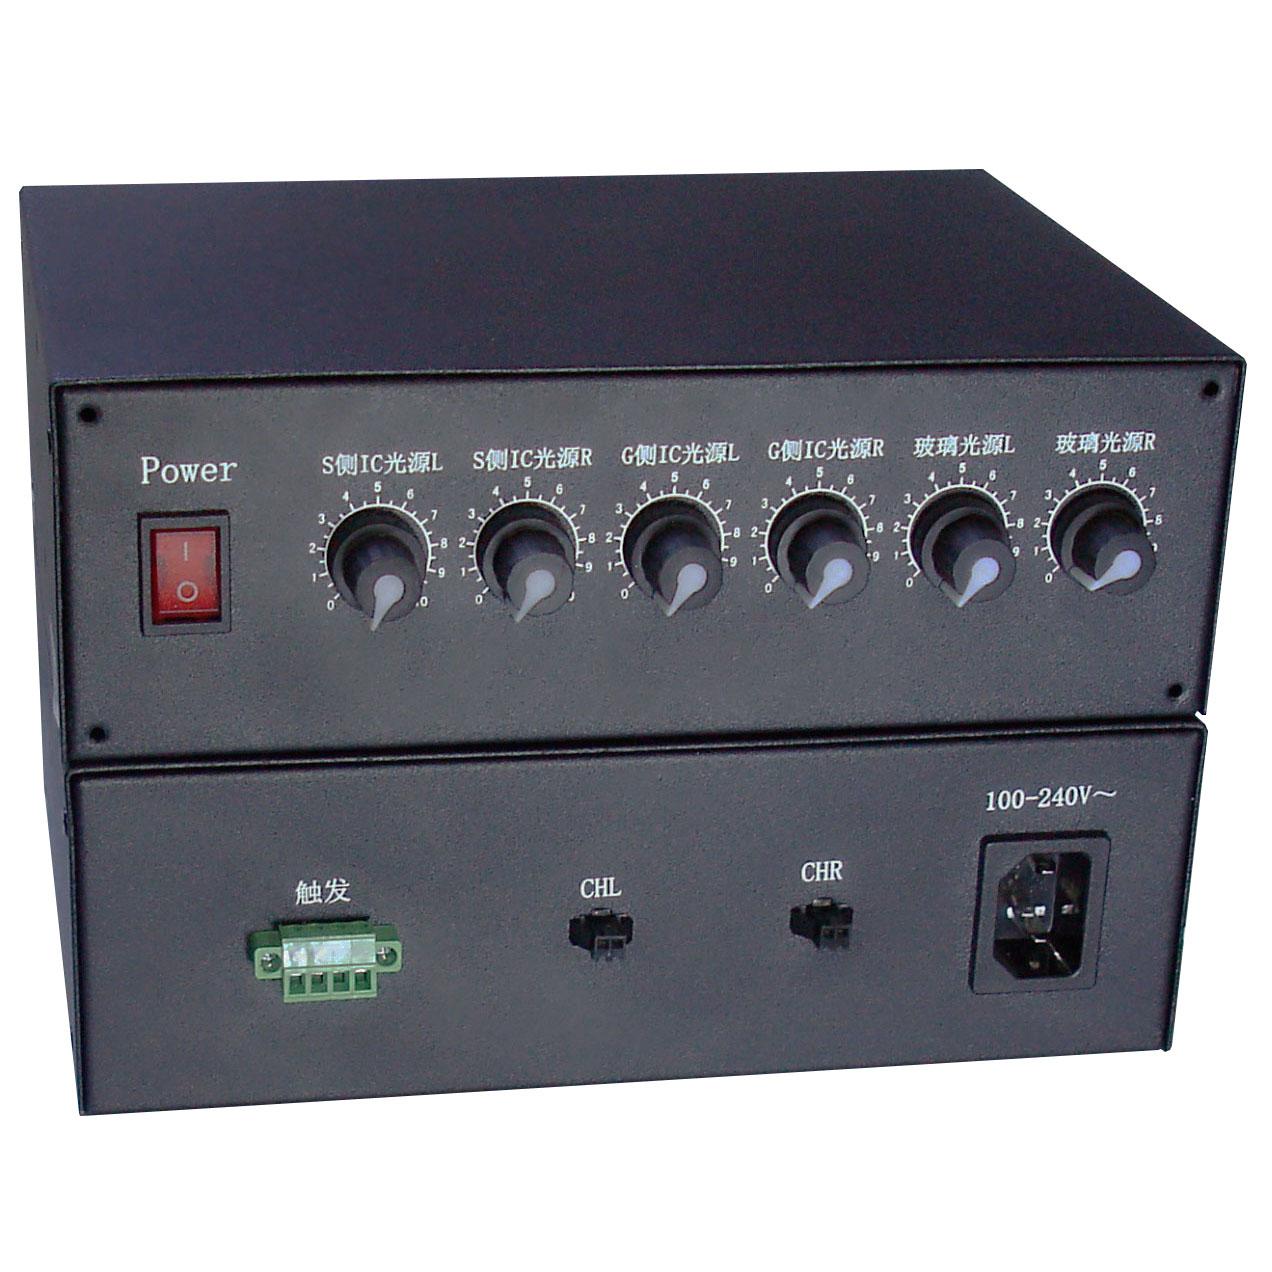 2路三级切换光源控制器